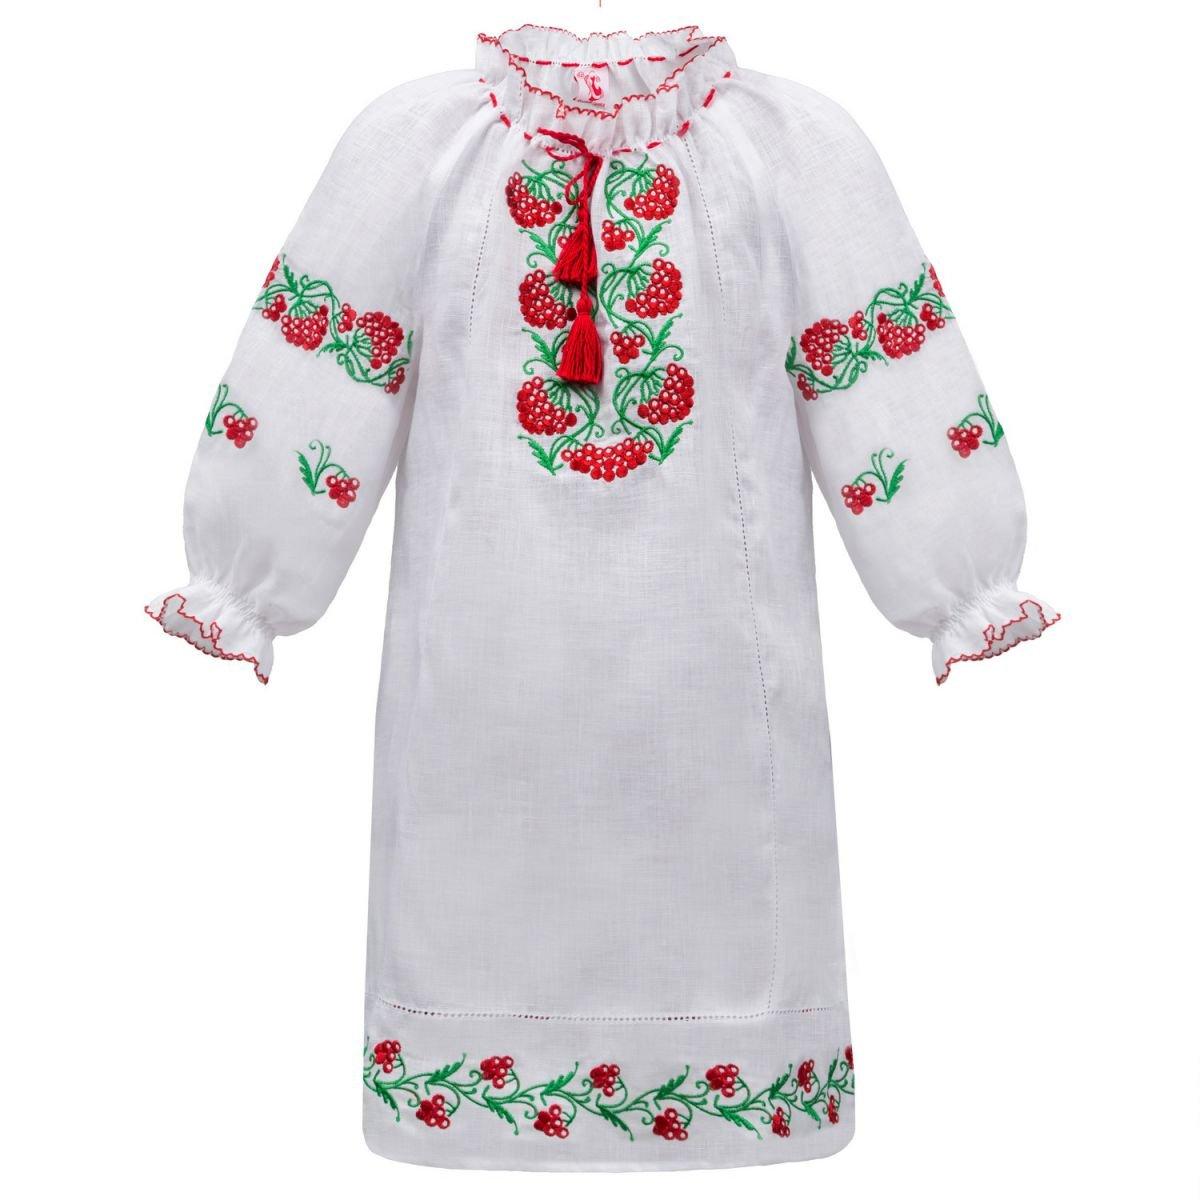 Платье вышиванка для девочки Слобожанка - Калинове ожерелье 110см 7263-12195 051369158c086